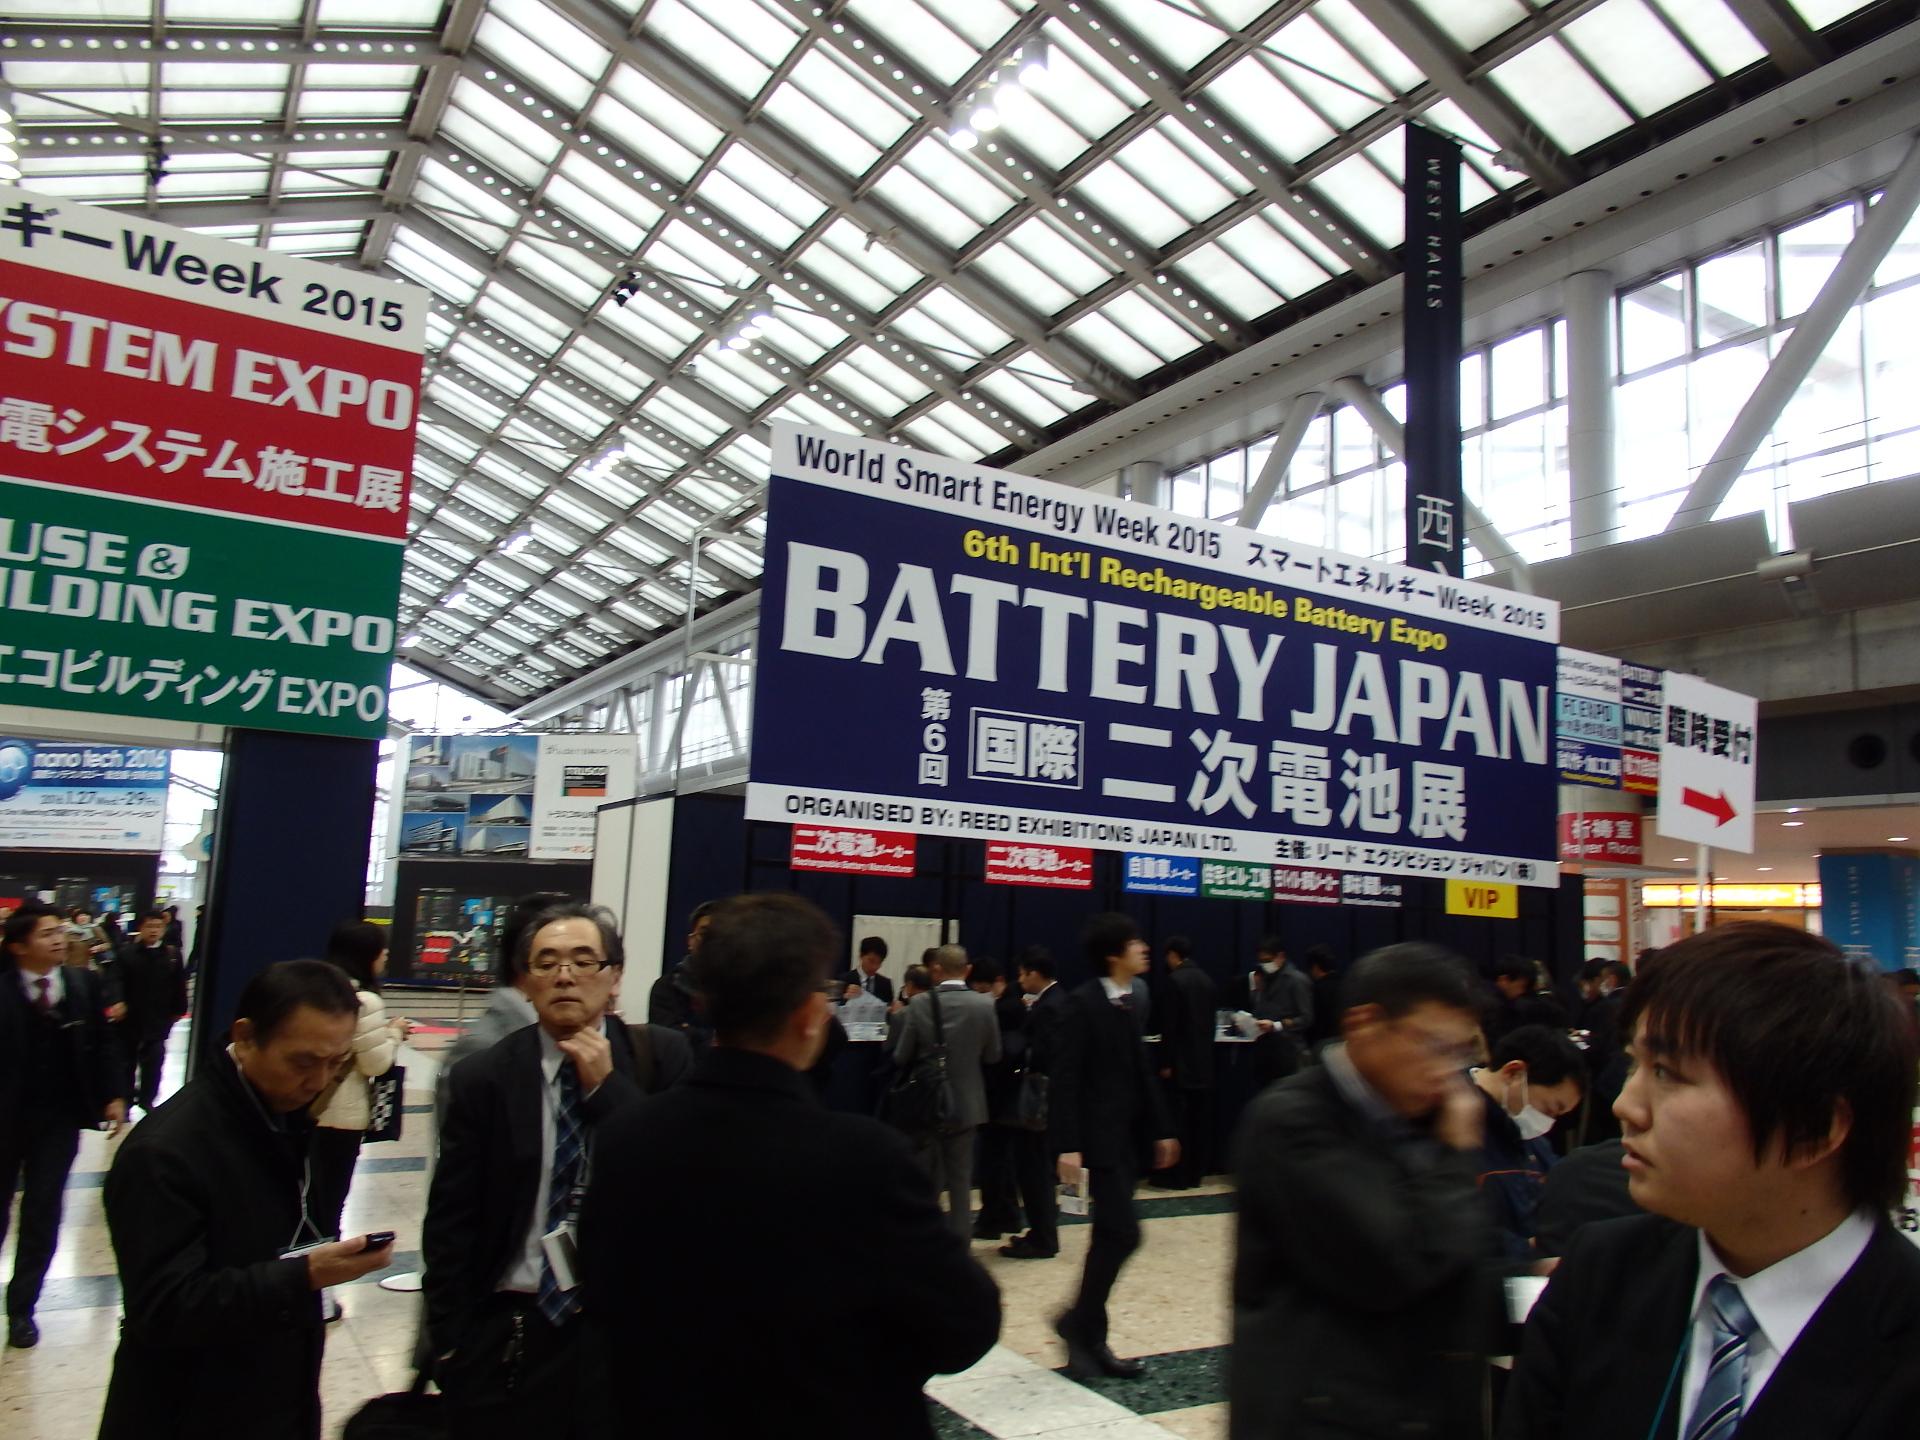 同じくスマートエネルギー博覧会会場です。